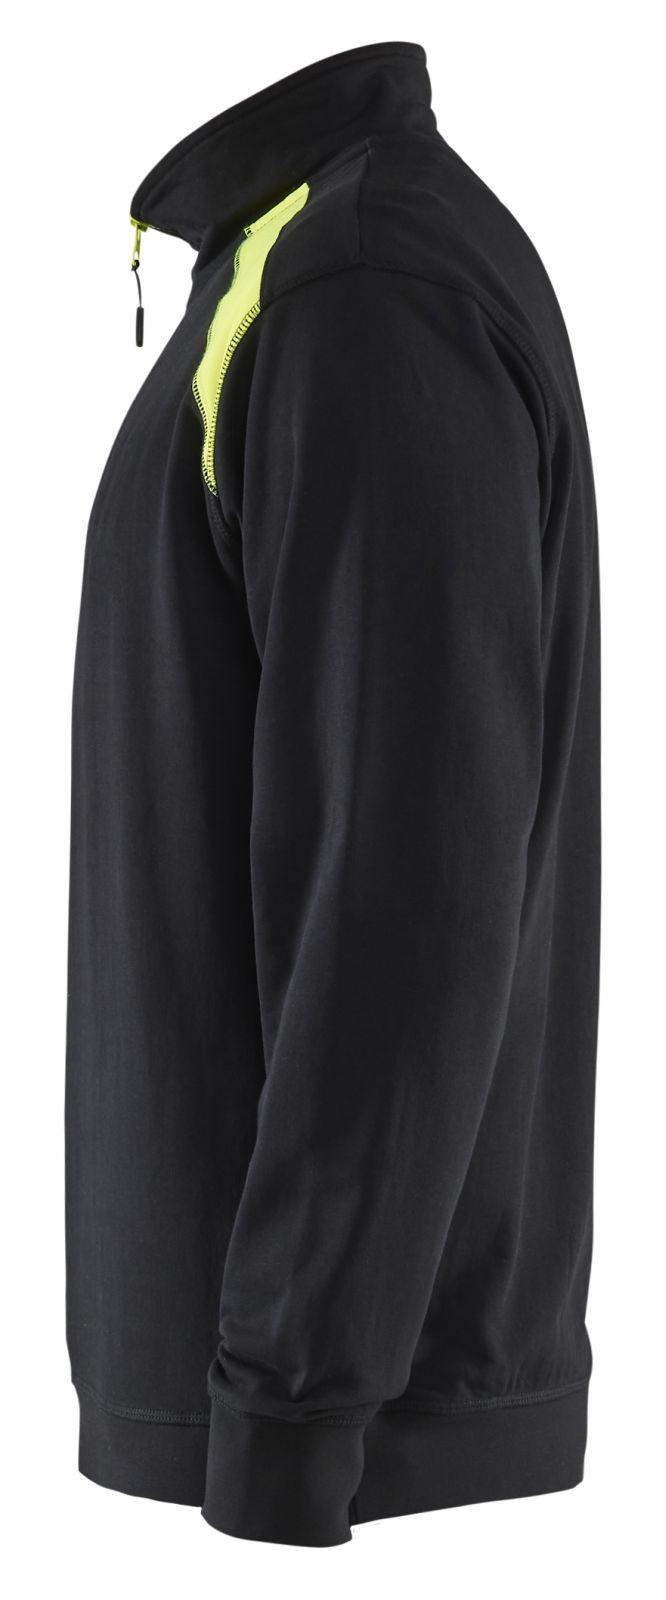 Blaklader Truien 33531158 zwart-geel(9933)